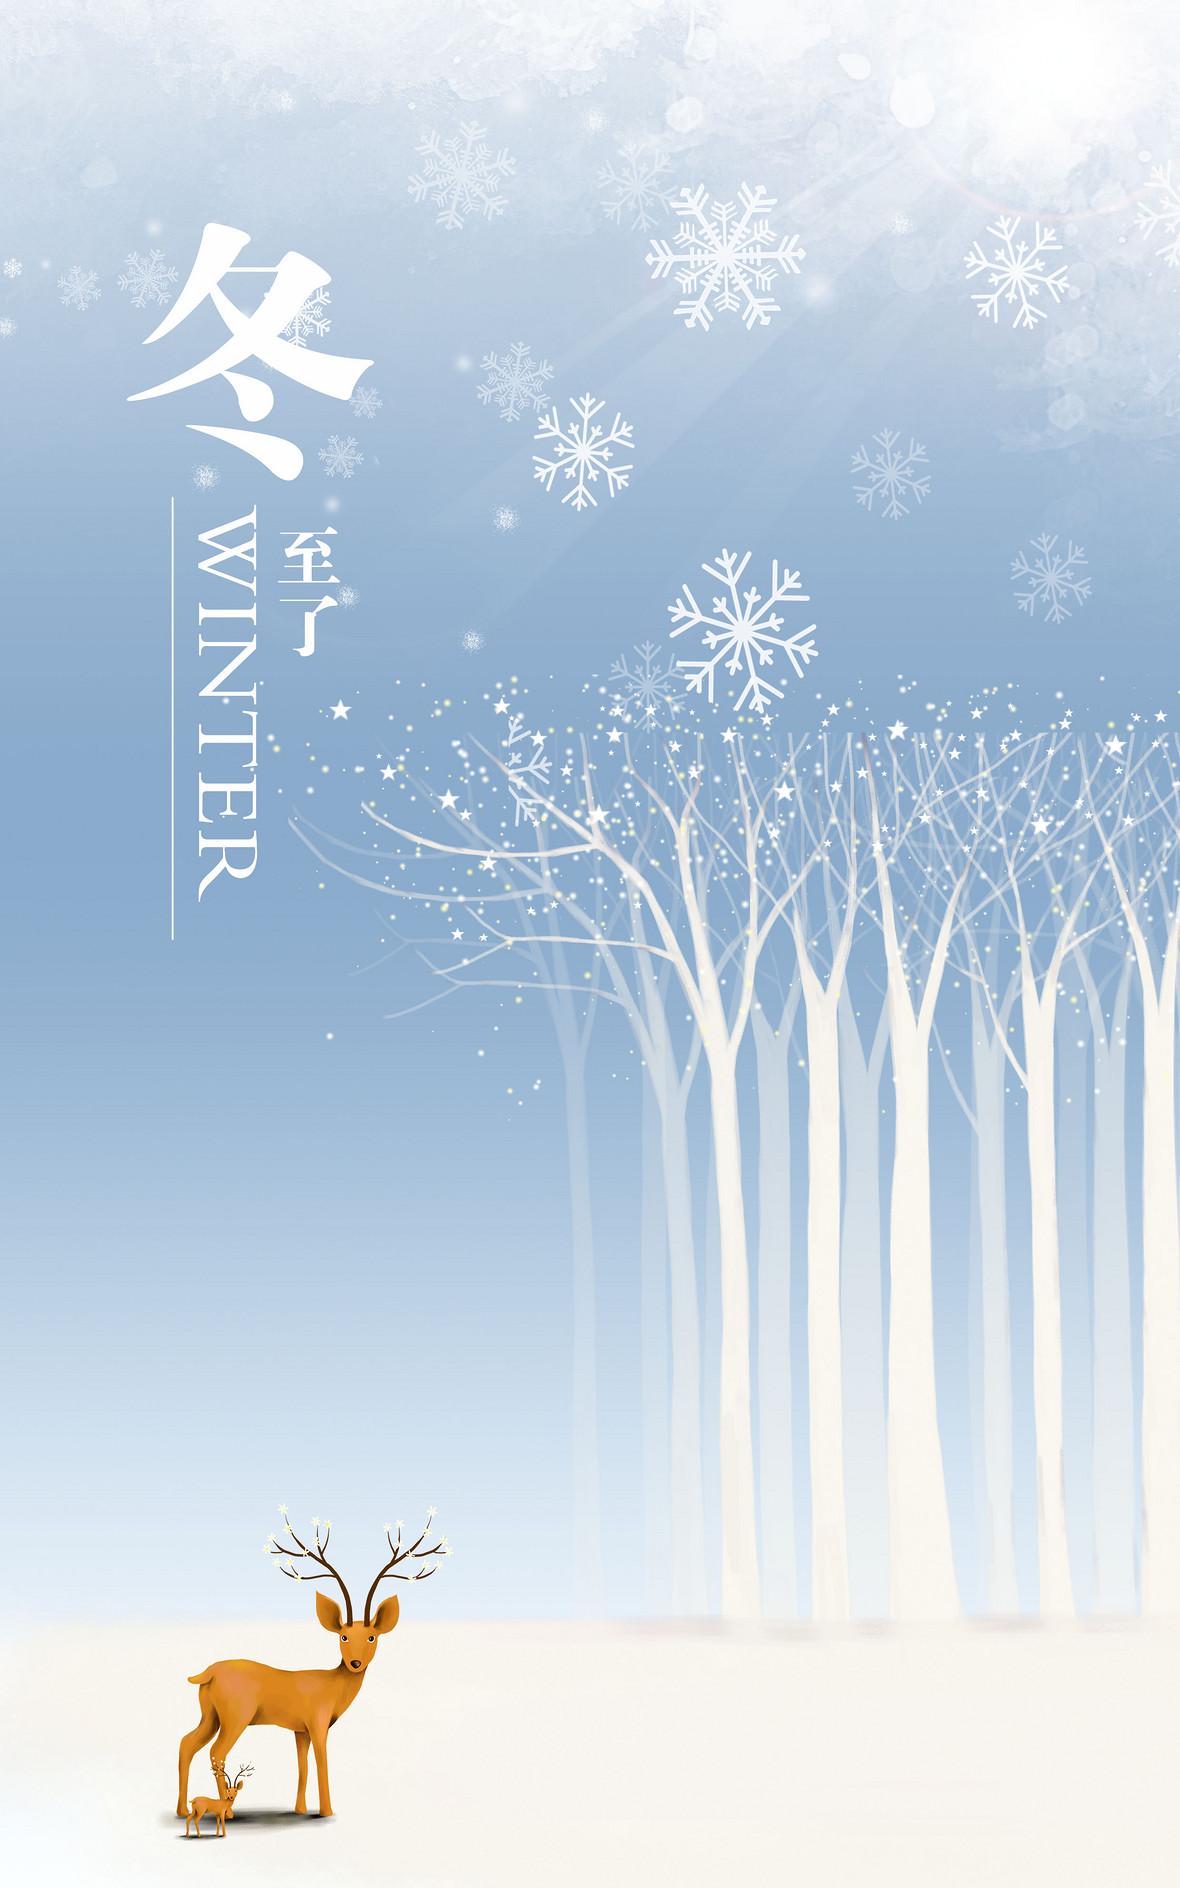 冬季海报背景素材大全